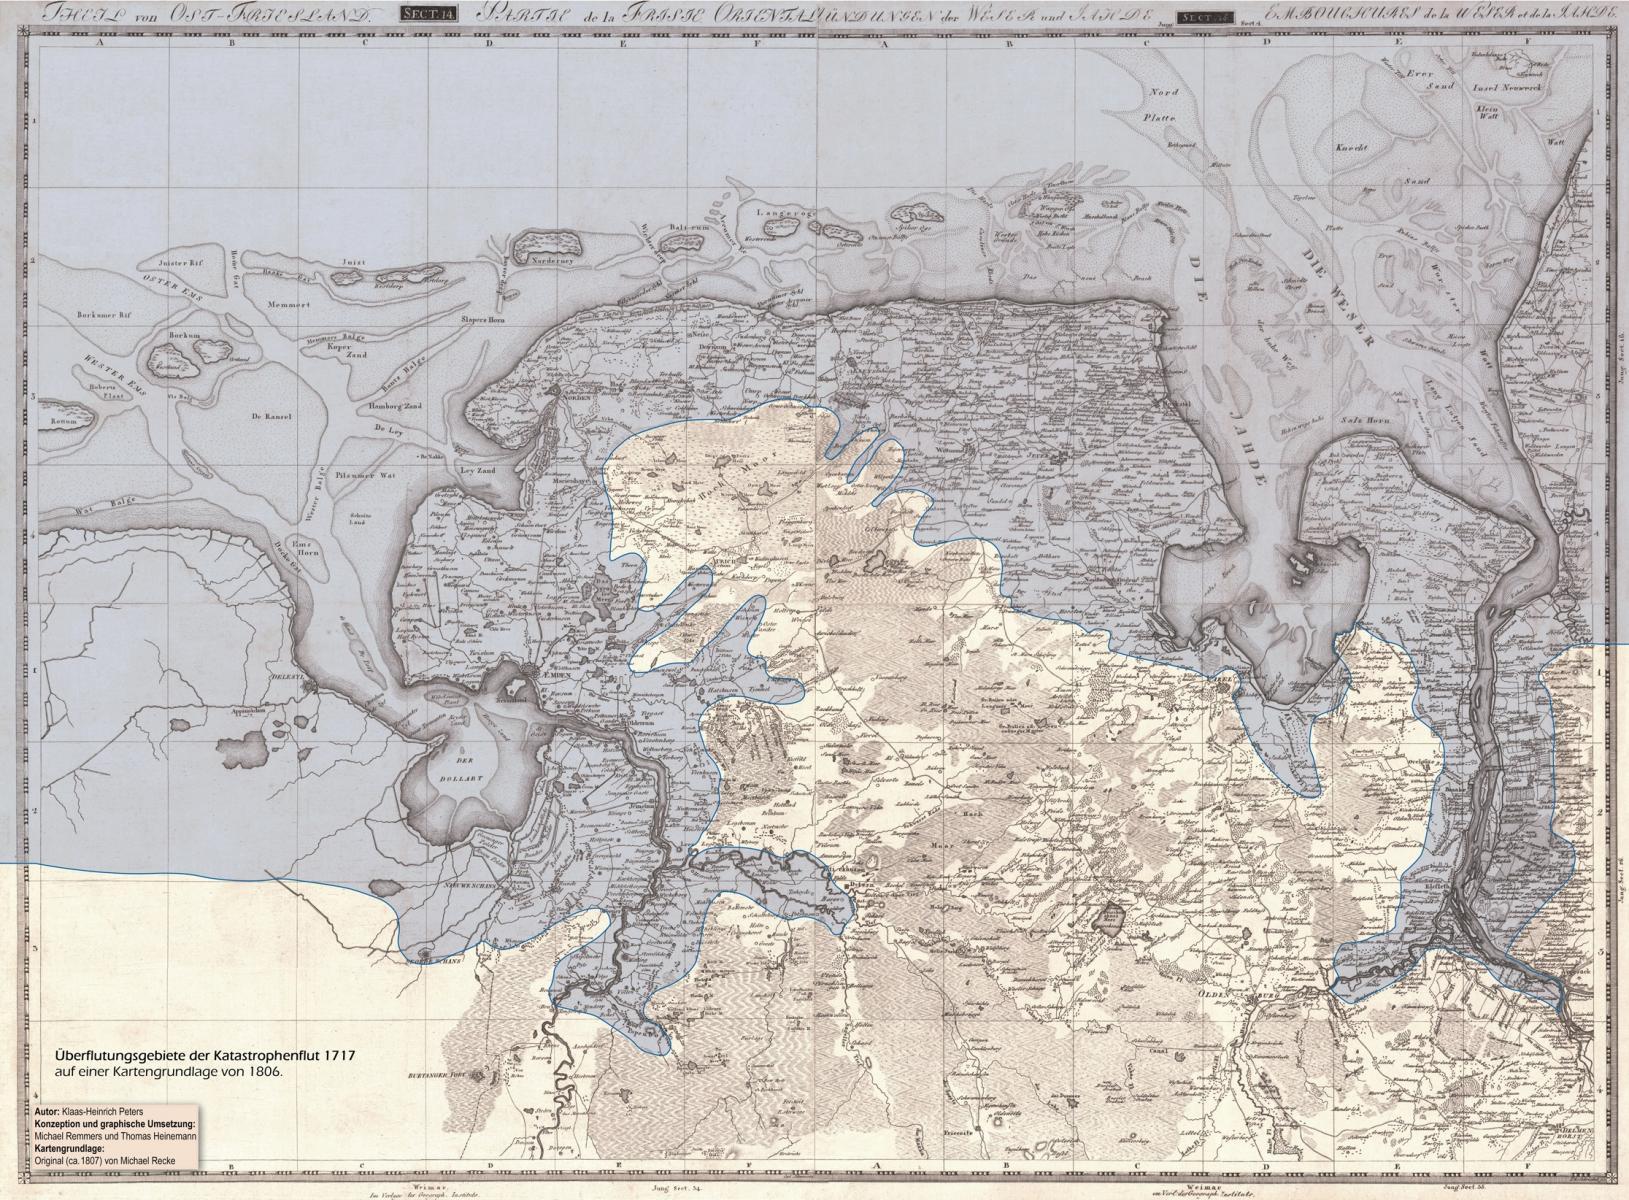 Bild 4 - Karte